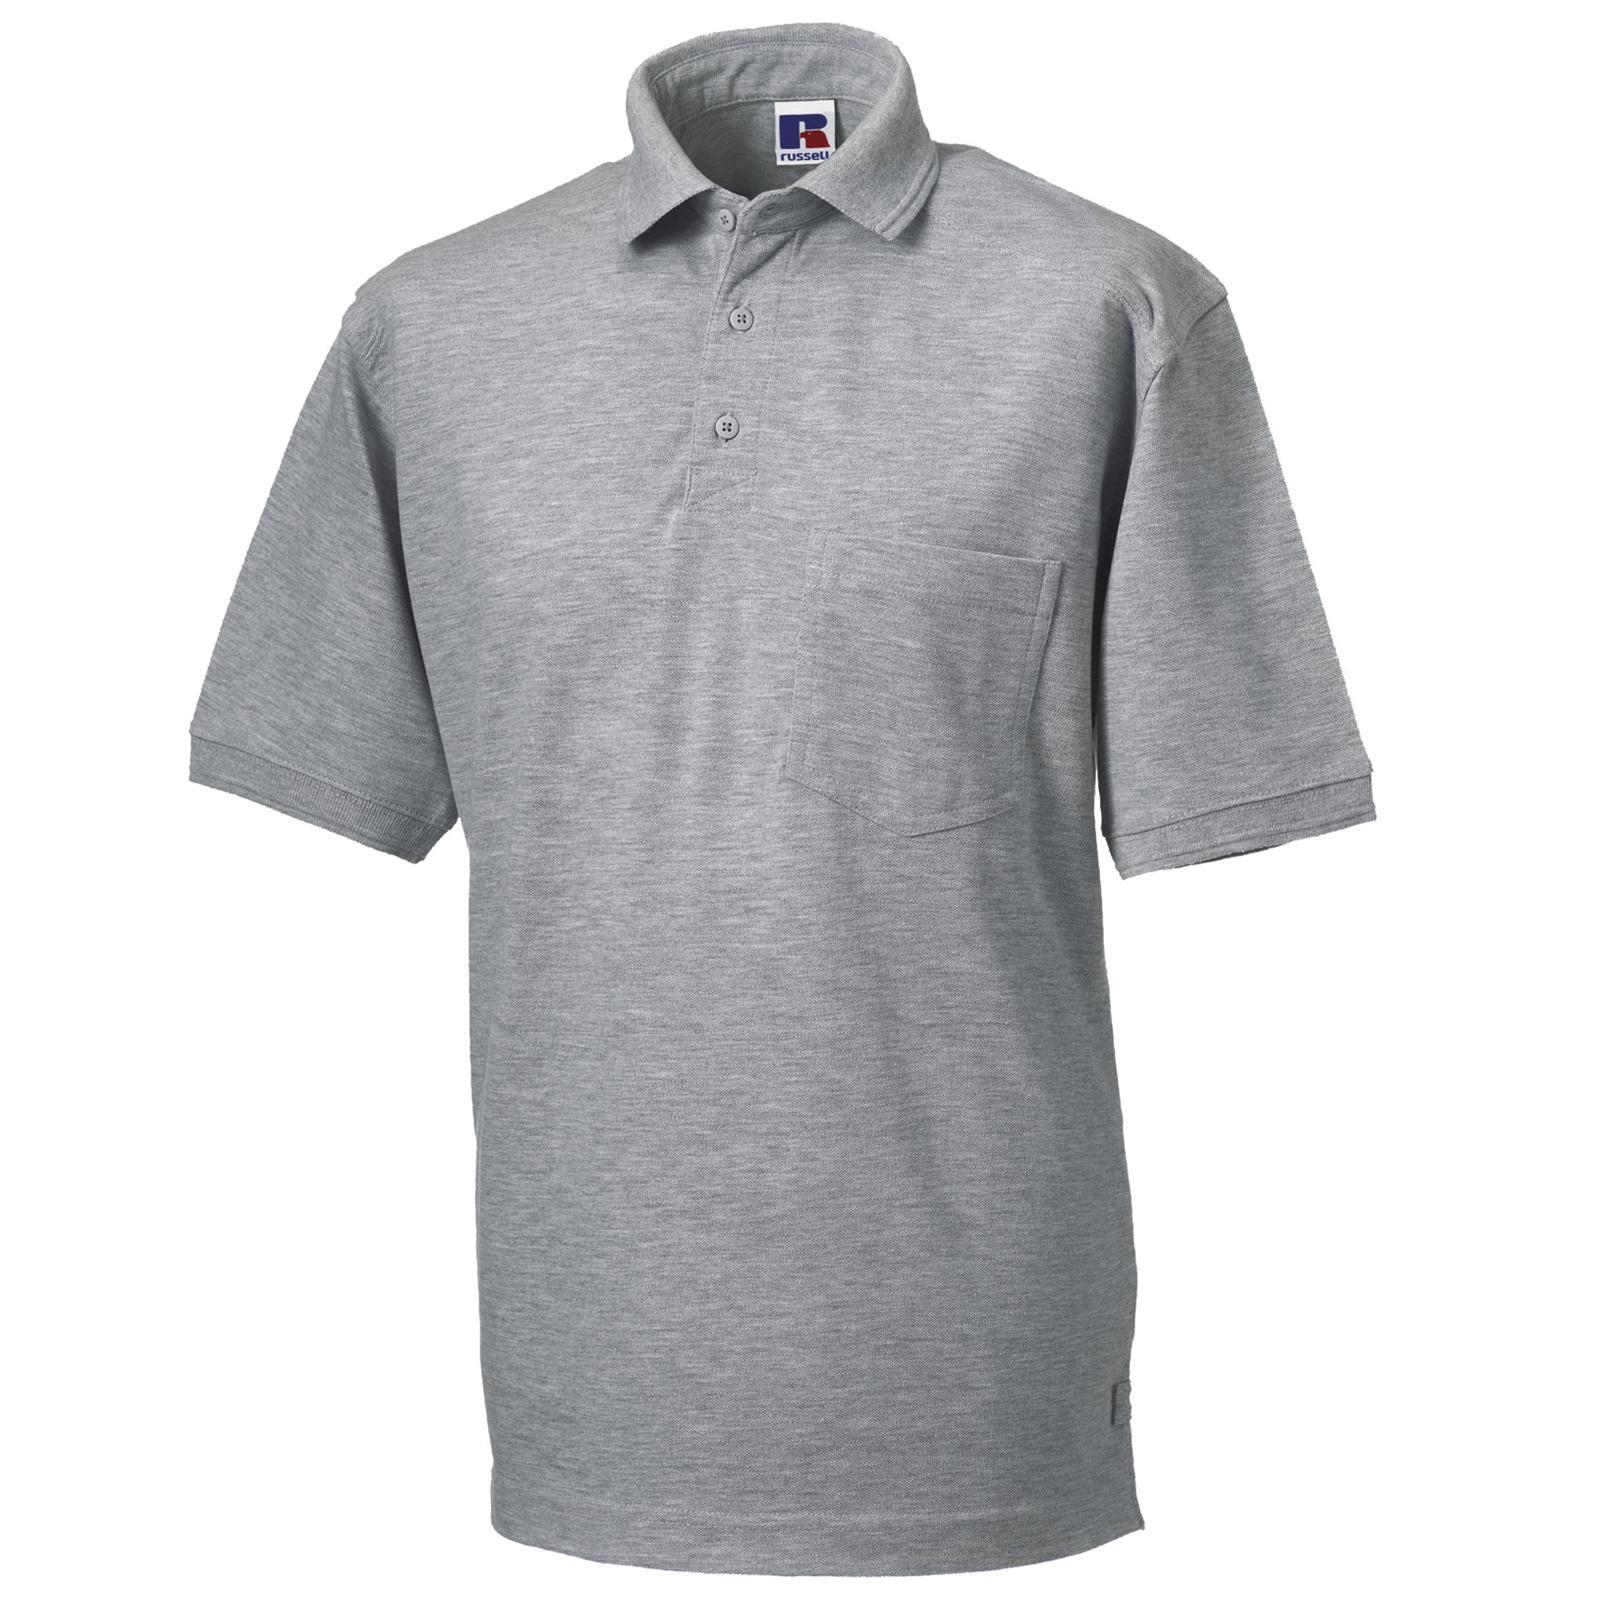 extra heavy cotton polo shirts